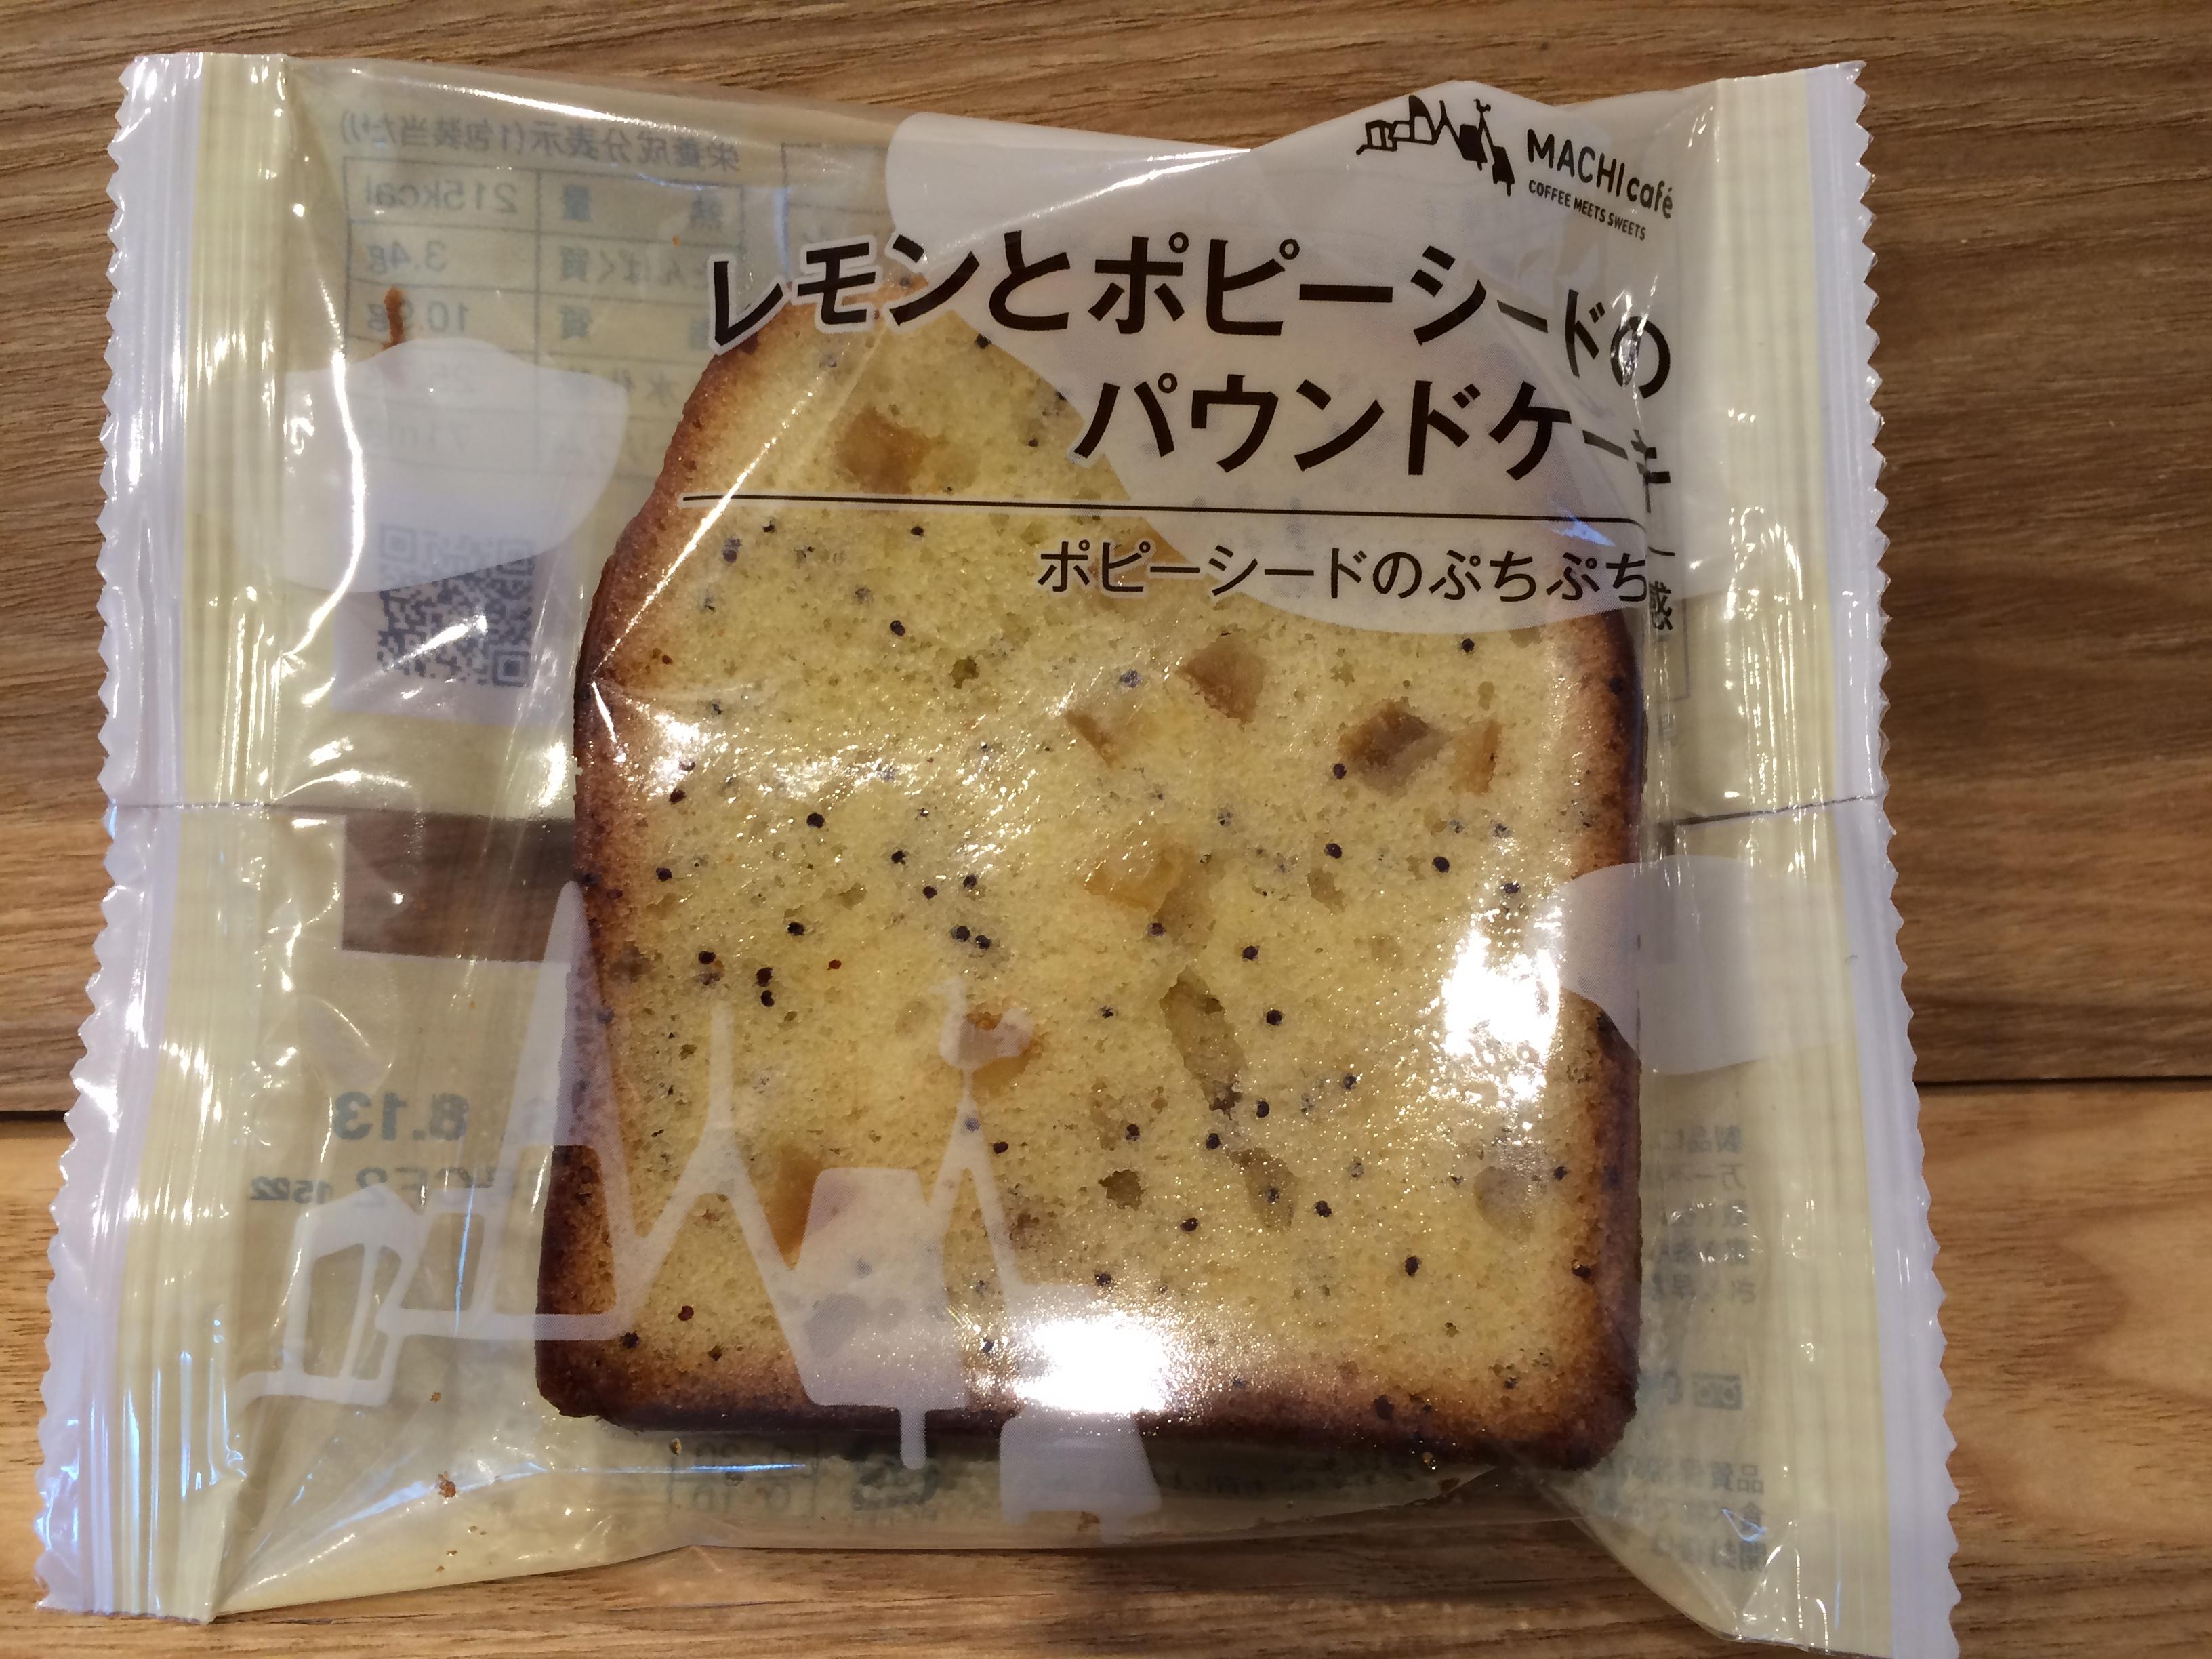 【ローソン】レモンとポピーシードのパウンドケーキの味やカロリーは?